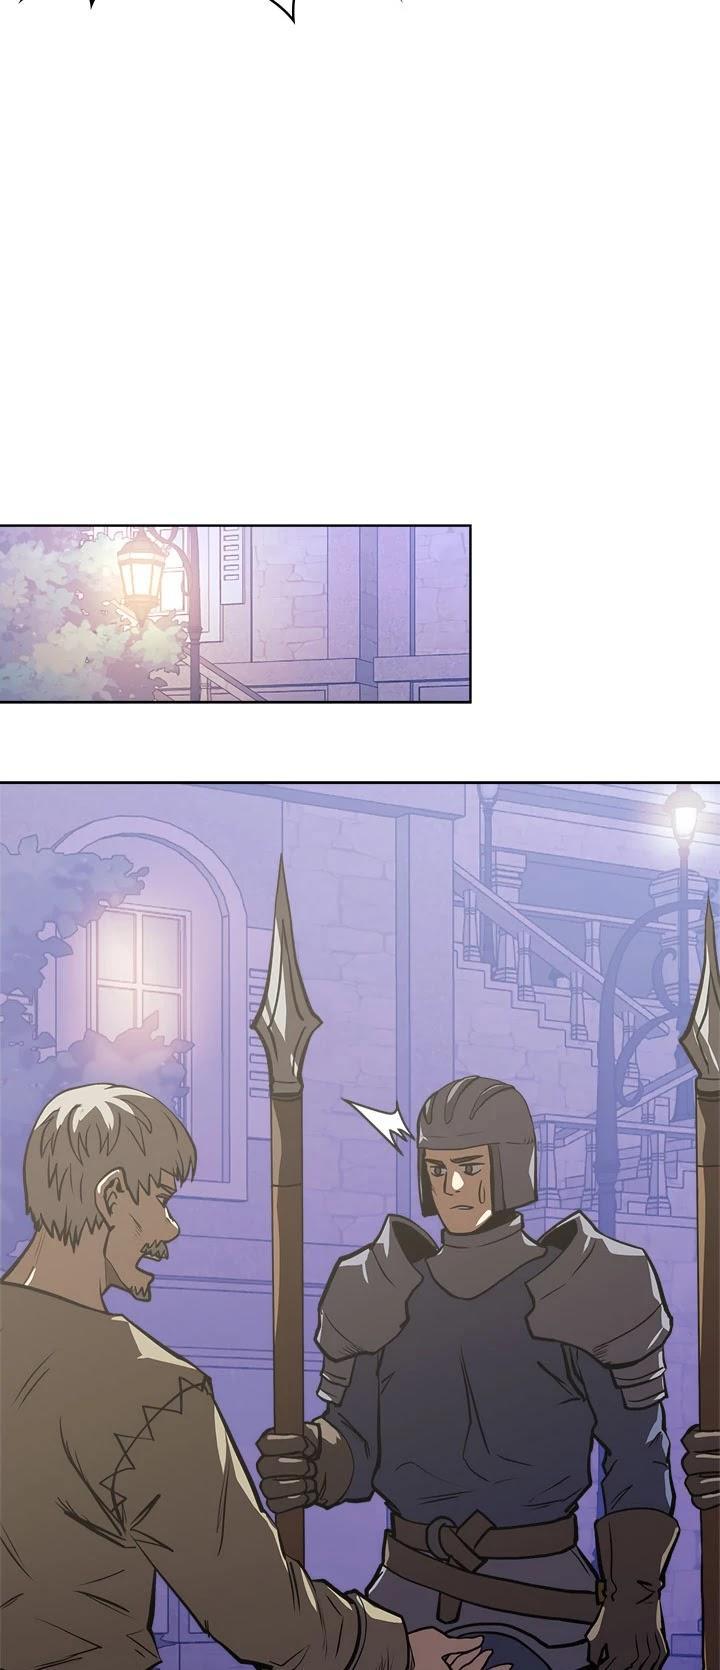 Other World Warrior Chapter 164: Season 4 Ch 52 page 8 - Mangakakalot